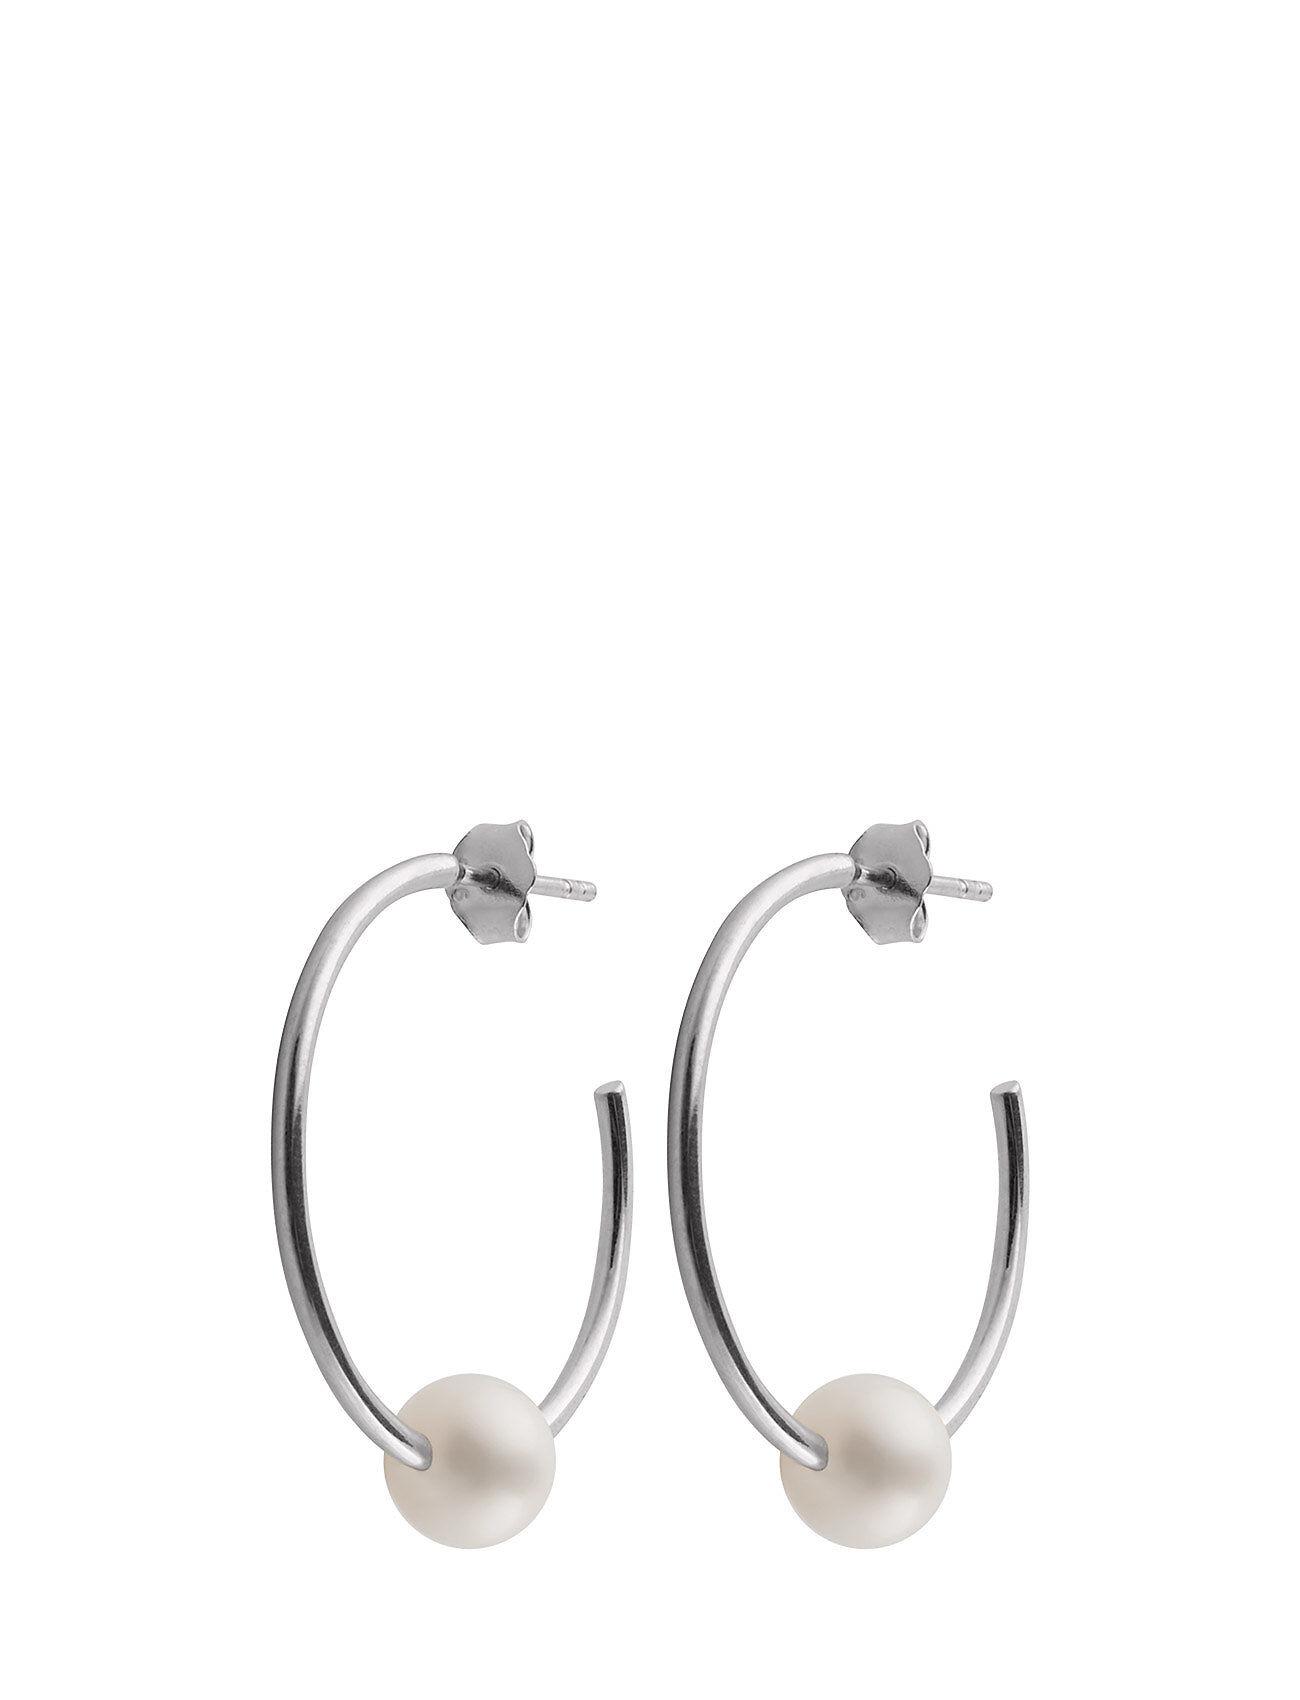 SOPHIE by SOPHIE Pearl Hoops Accessories Jewellery Earrings Hoops Hopea SOPHIE By SOPHIE